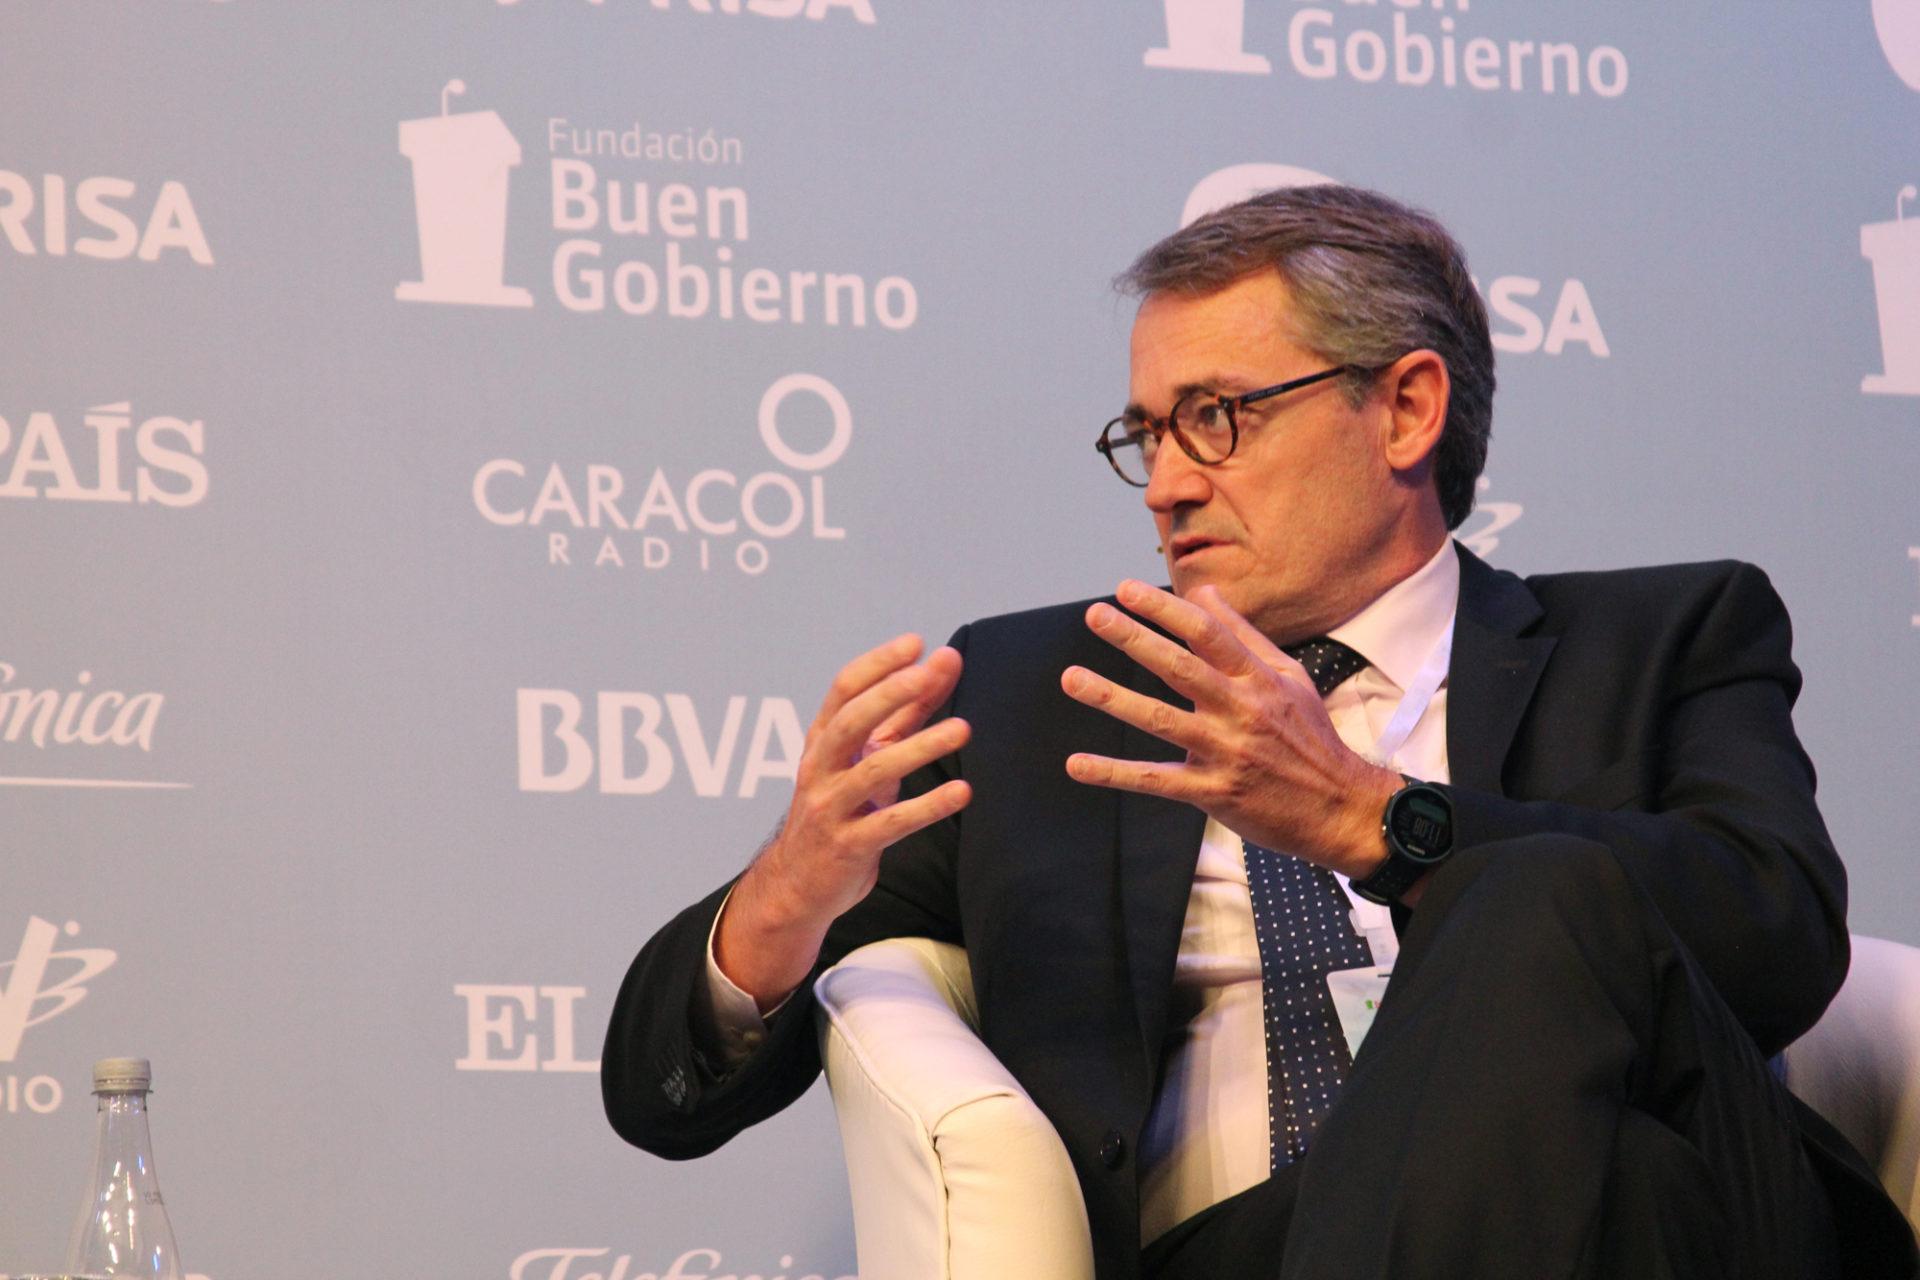 Fotografía de Óscar Cabrera Izquierdo